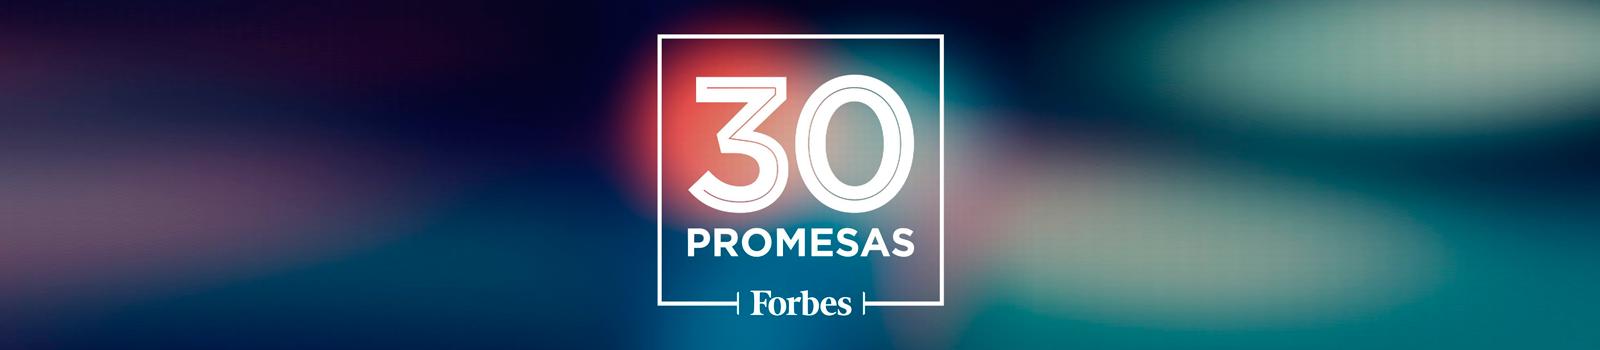 Las 30 promesas